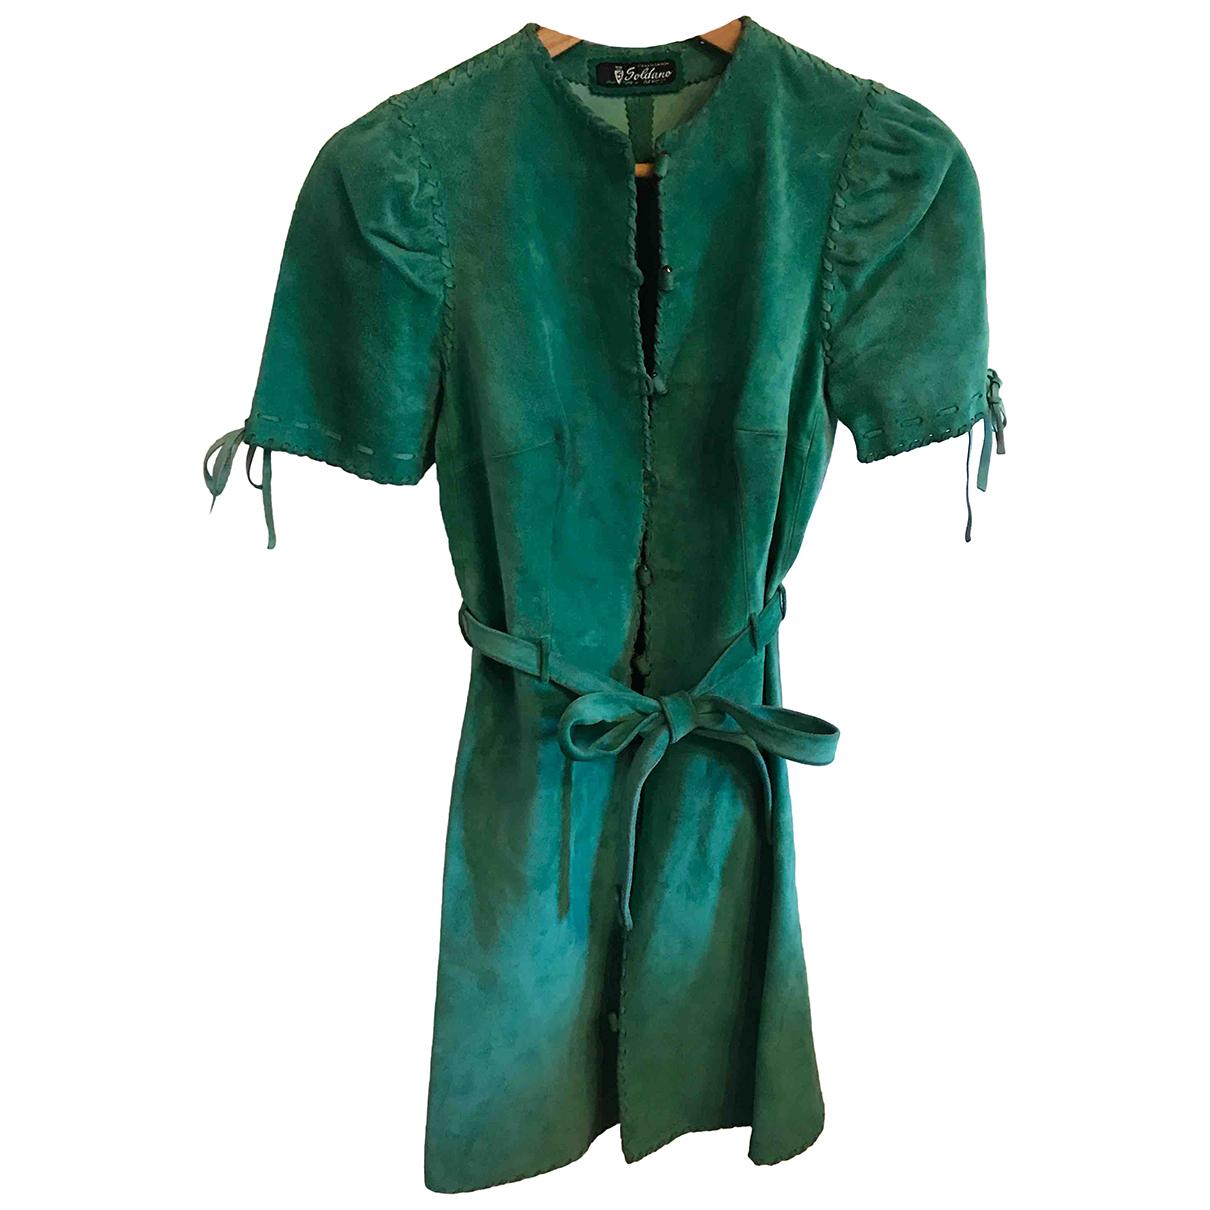 Autre Marque \N Kleid in  Gruen Veloursleder